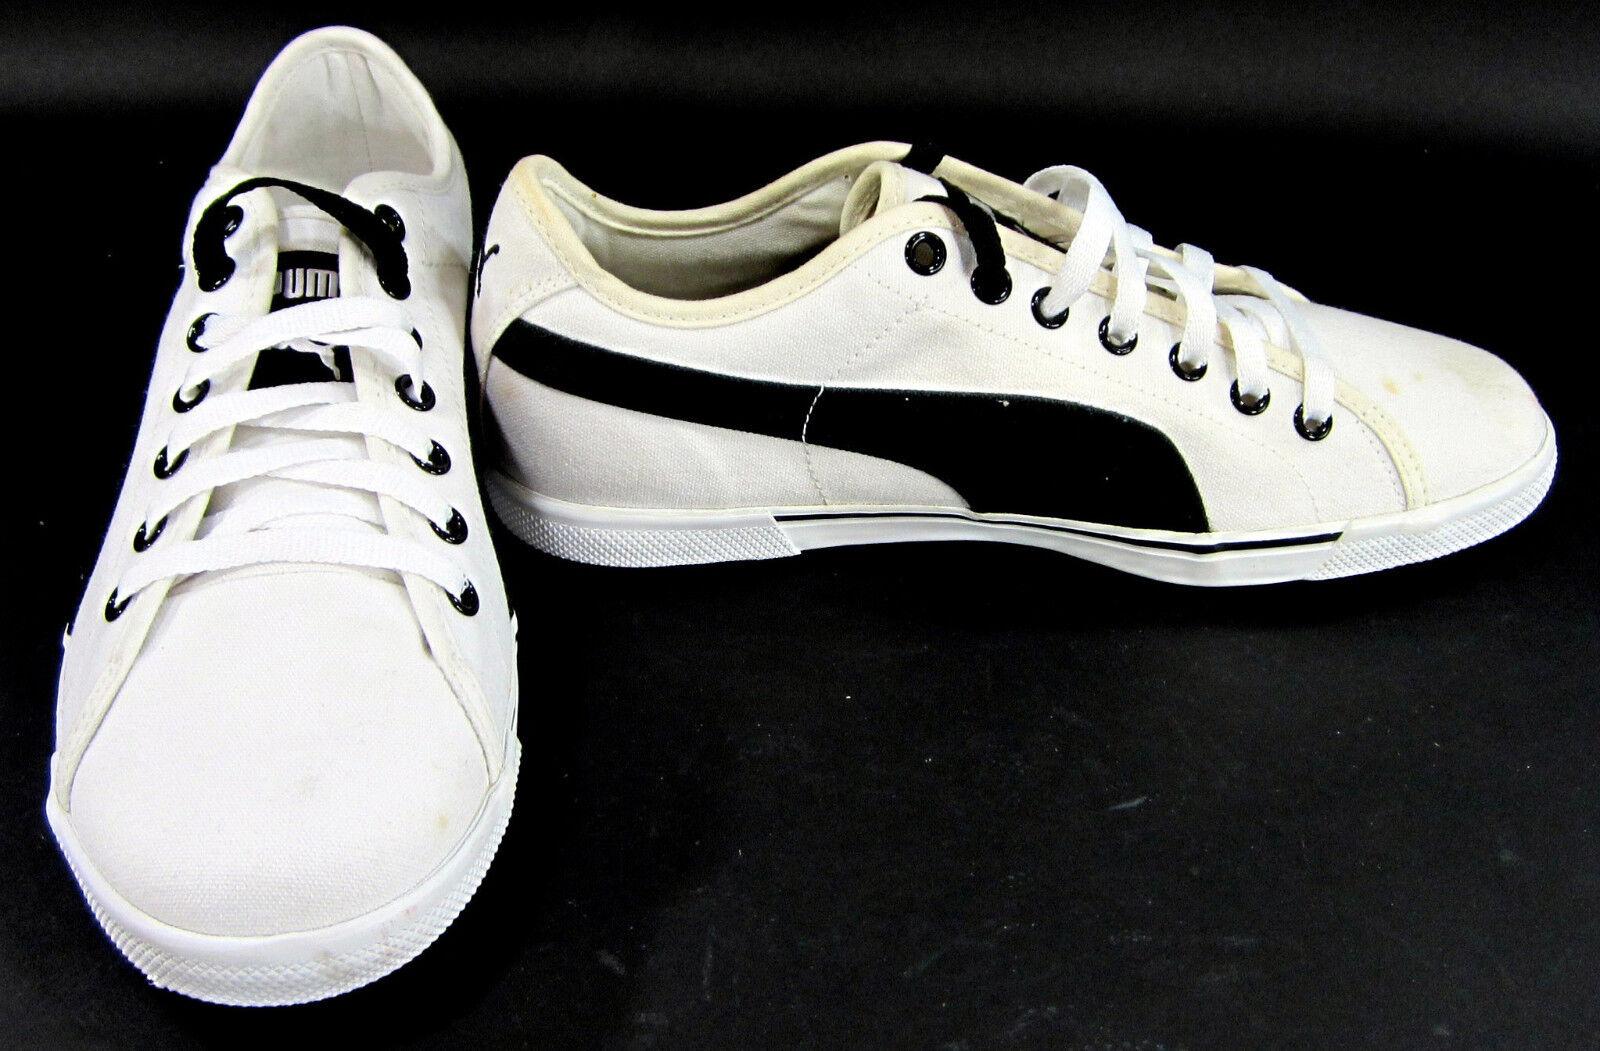 Zapatos  De Lona Zapatillas Atlético Benecio Puma Blanco/Negro Zapatillas Lona Tamaño 8.5 f8ddb4